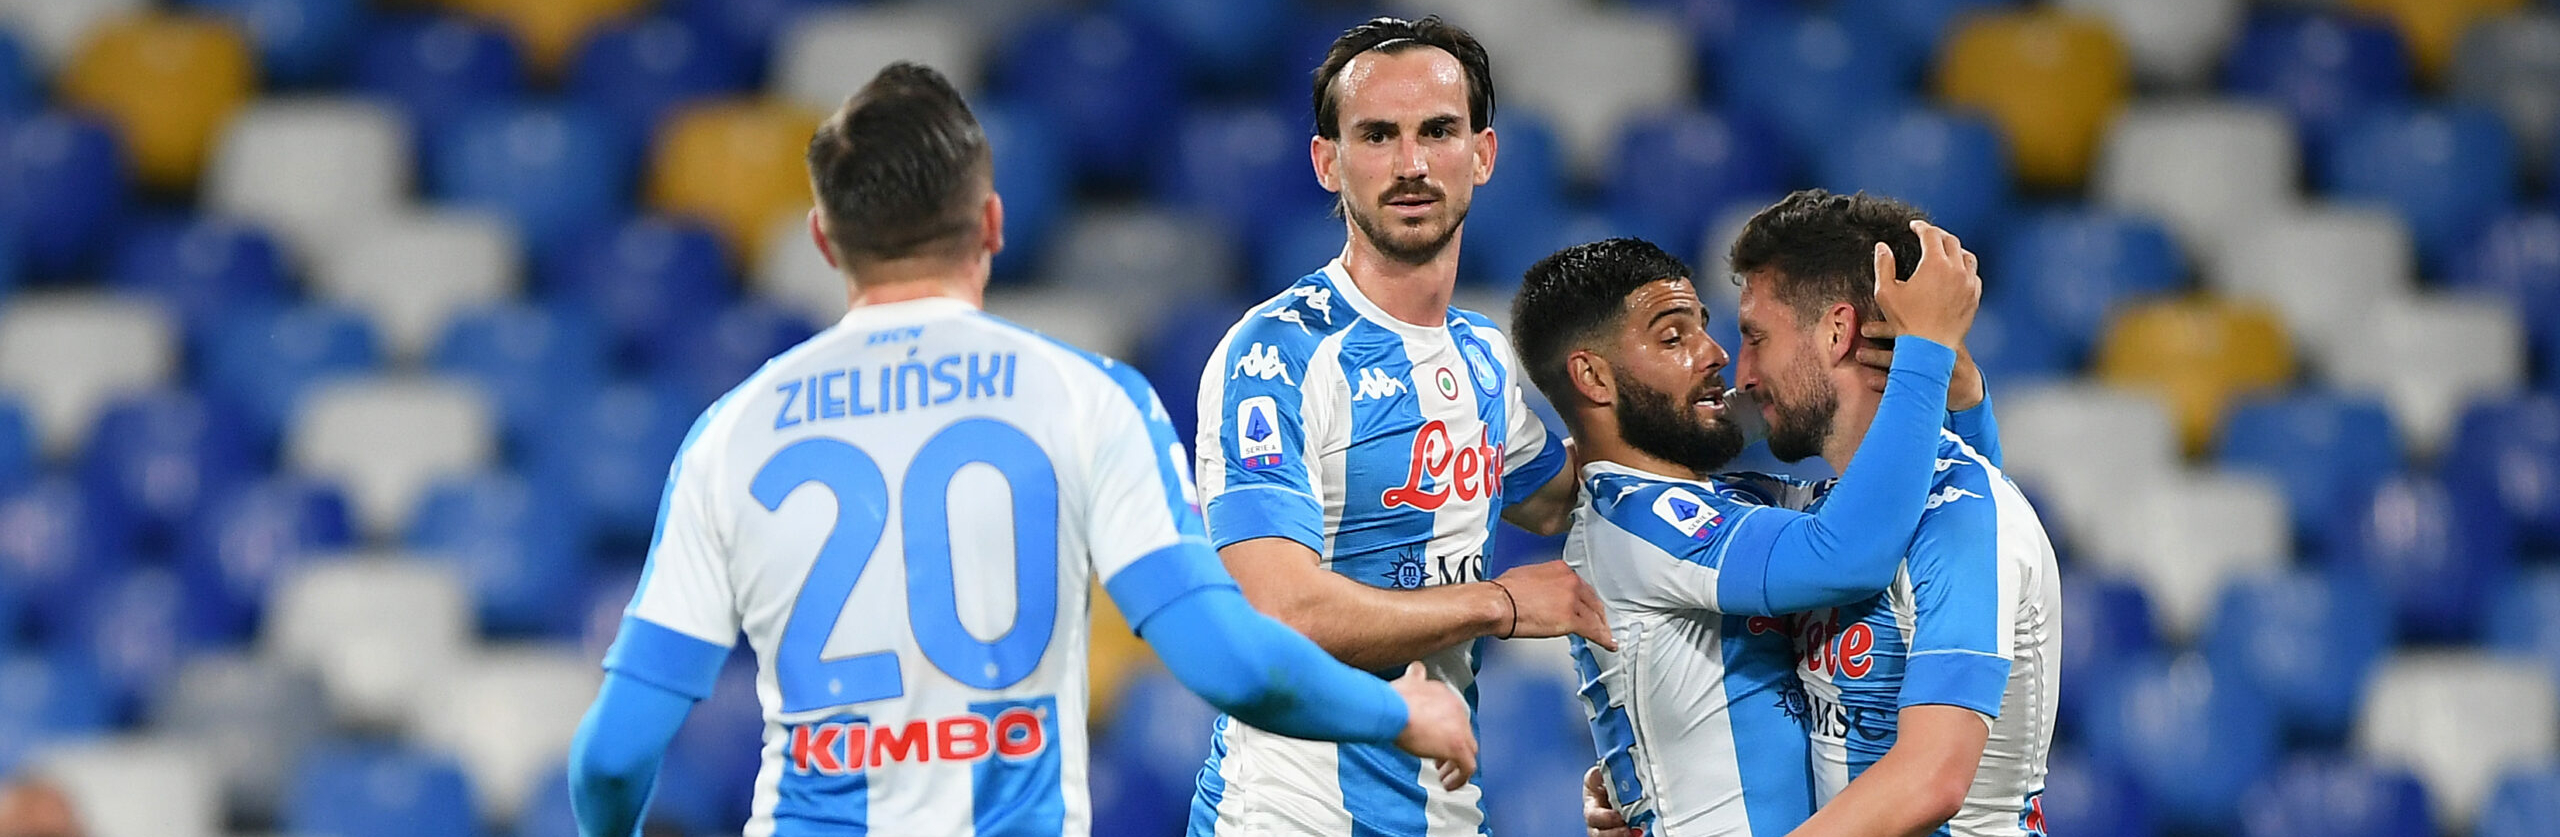 Torino-Napoli, i granata hanno ritrovato lo spirito, ma questo Napoli è lanciatissimo